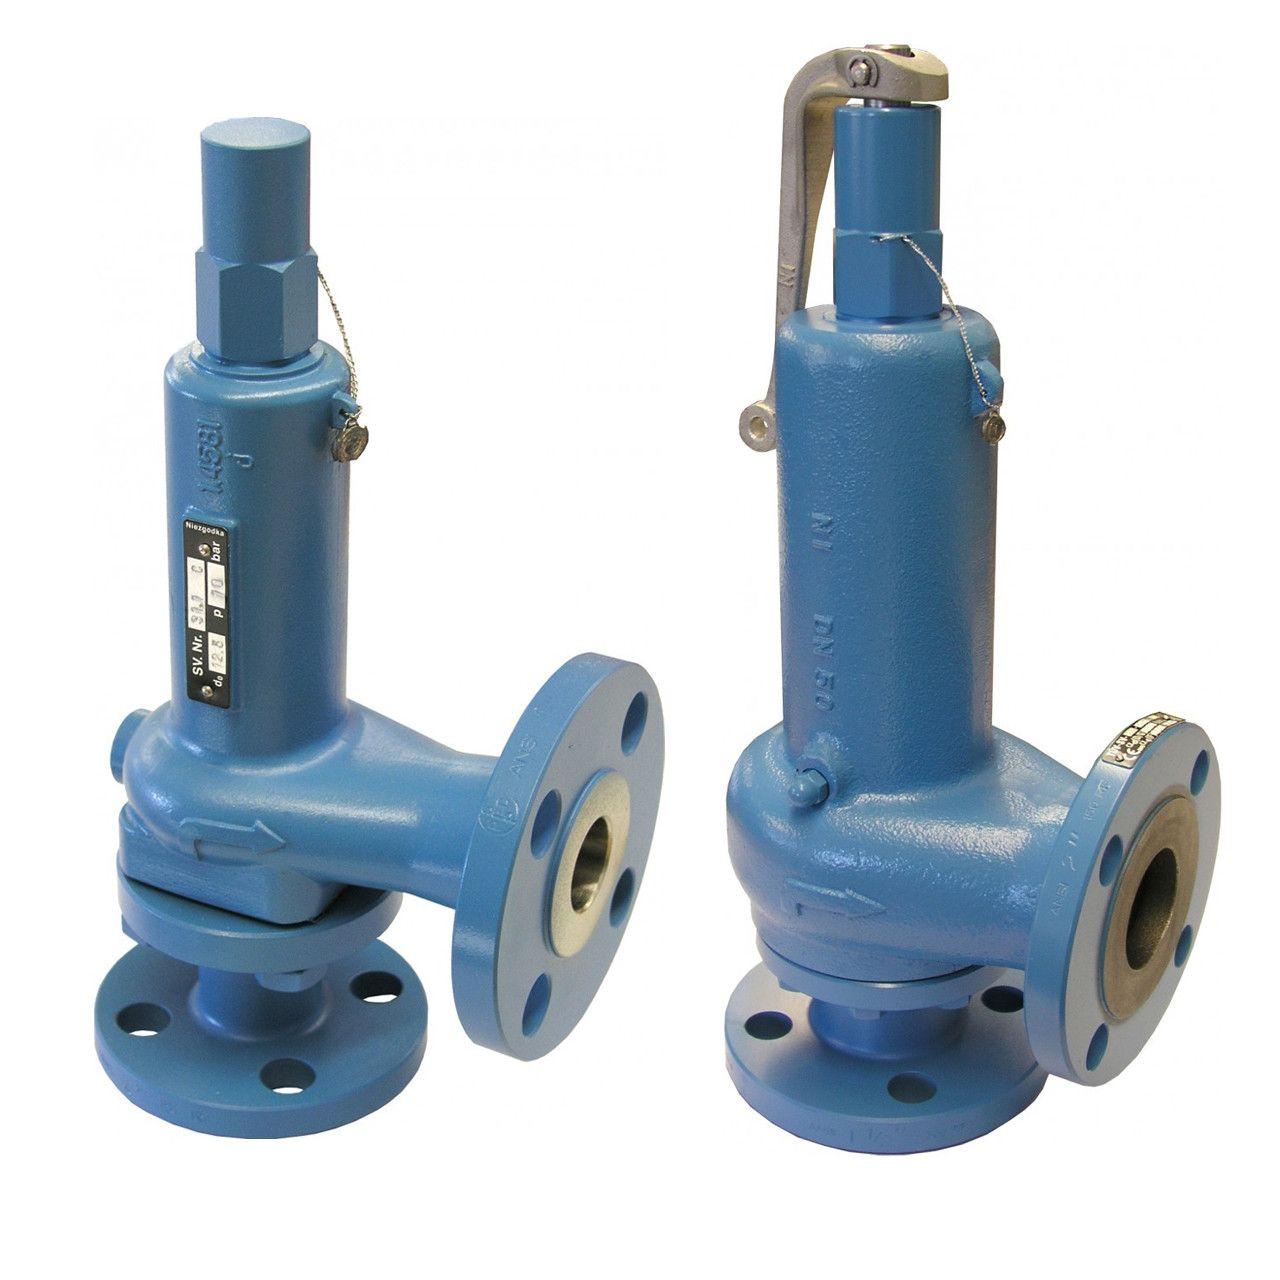 Niezgodka Type 31 Safety Valve Safety valve, Relief